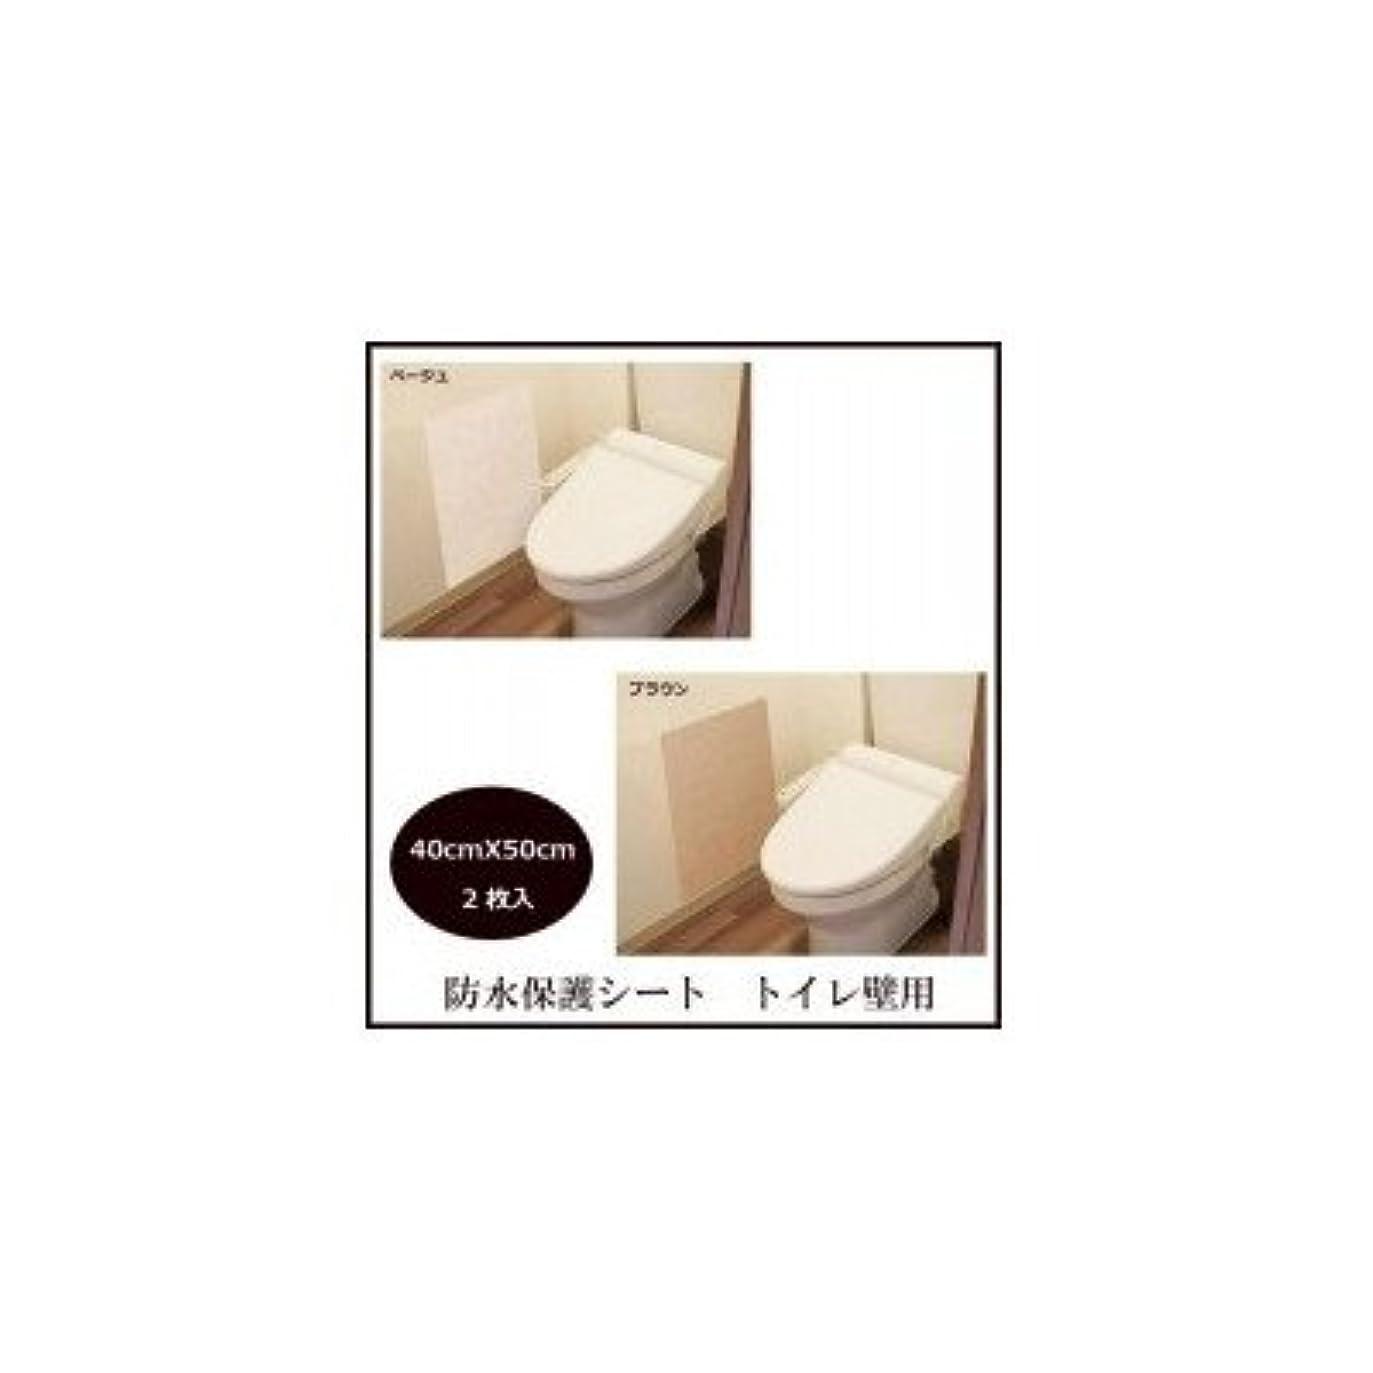 ふける歌ペック防水保護シート トイレ壁用 40cm×50cm 2枚入 無地 BKWM-4050 BR?ブラウン( 画像はイメージ画像です お届けの商品はBR?ブラウンのみとなります)